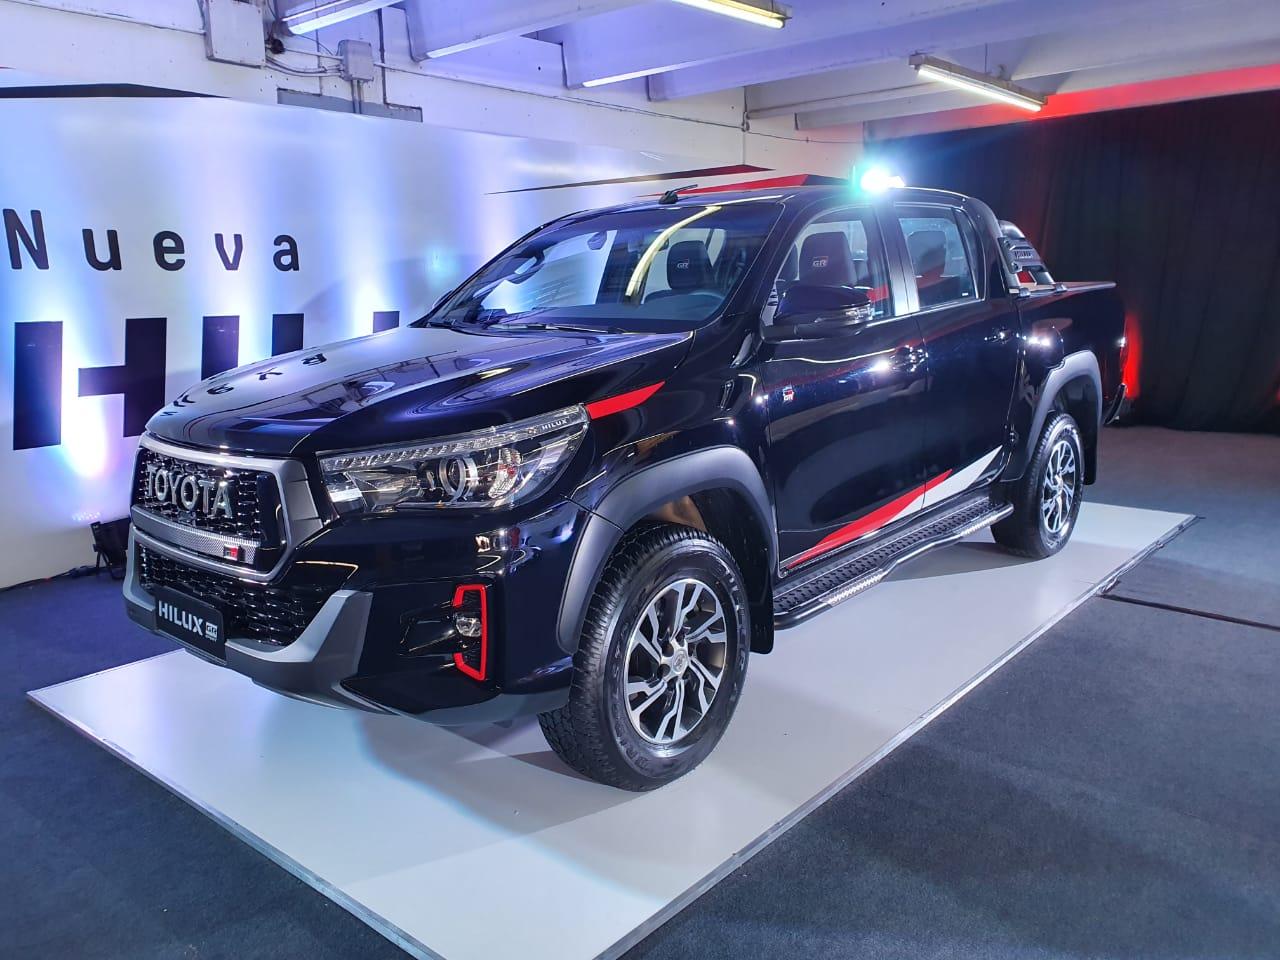 Toyota Hilux V6 n preparada pela Gazoo Racing para as ruas com cor preta e detalhes vermelhos